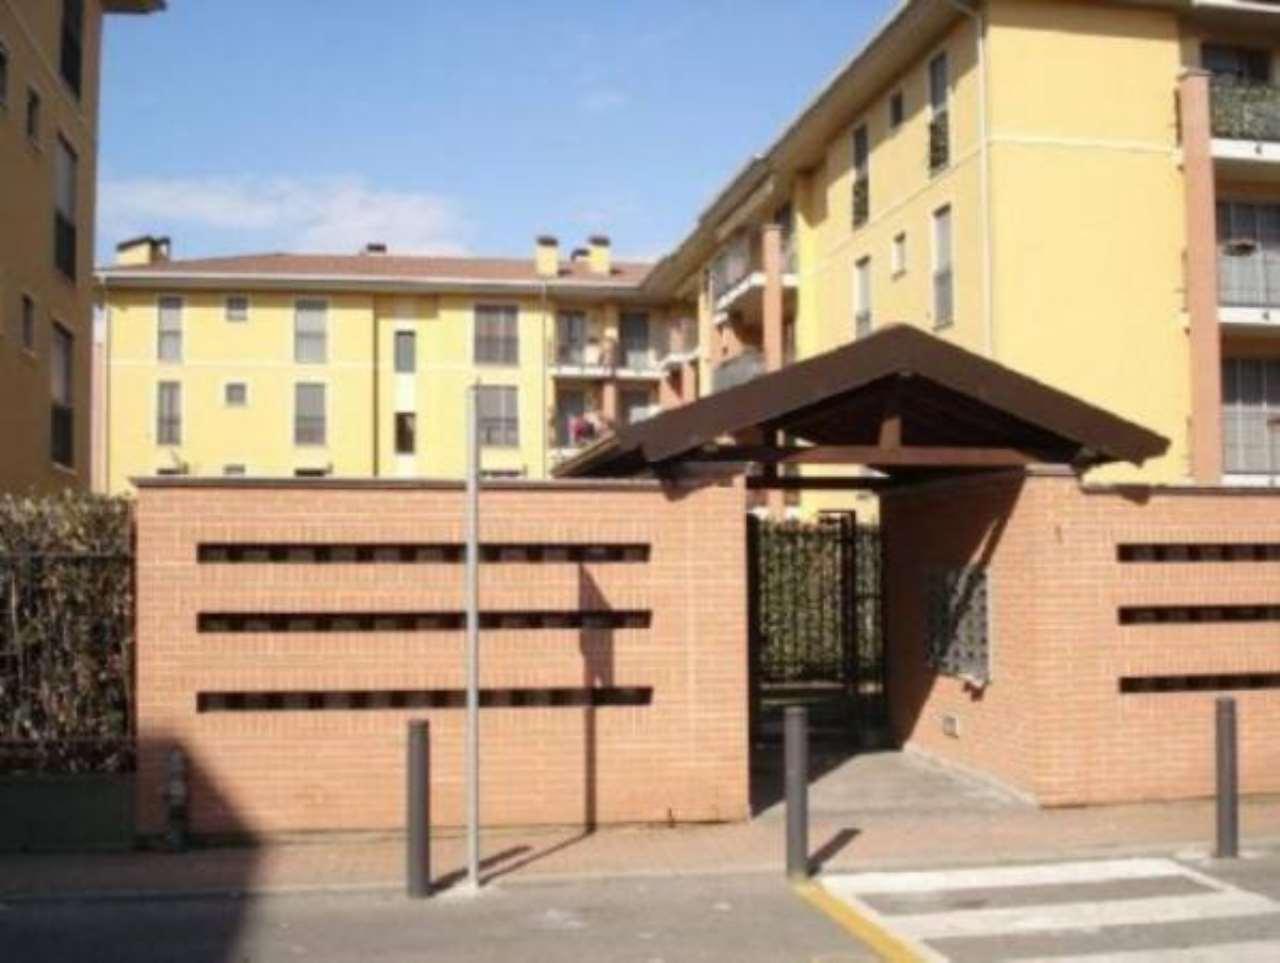 Appartamento in affitto a Cernusco sul Naviglio, 3 locali, prezzo € 750 | PortaleAgenzieImmobiliari.it